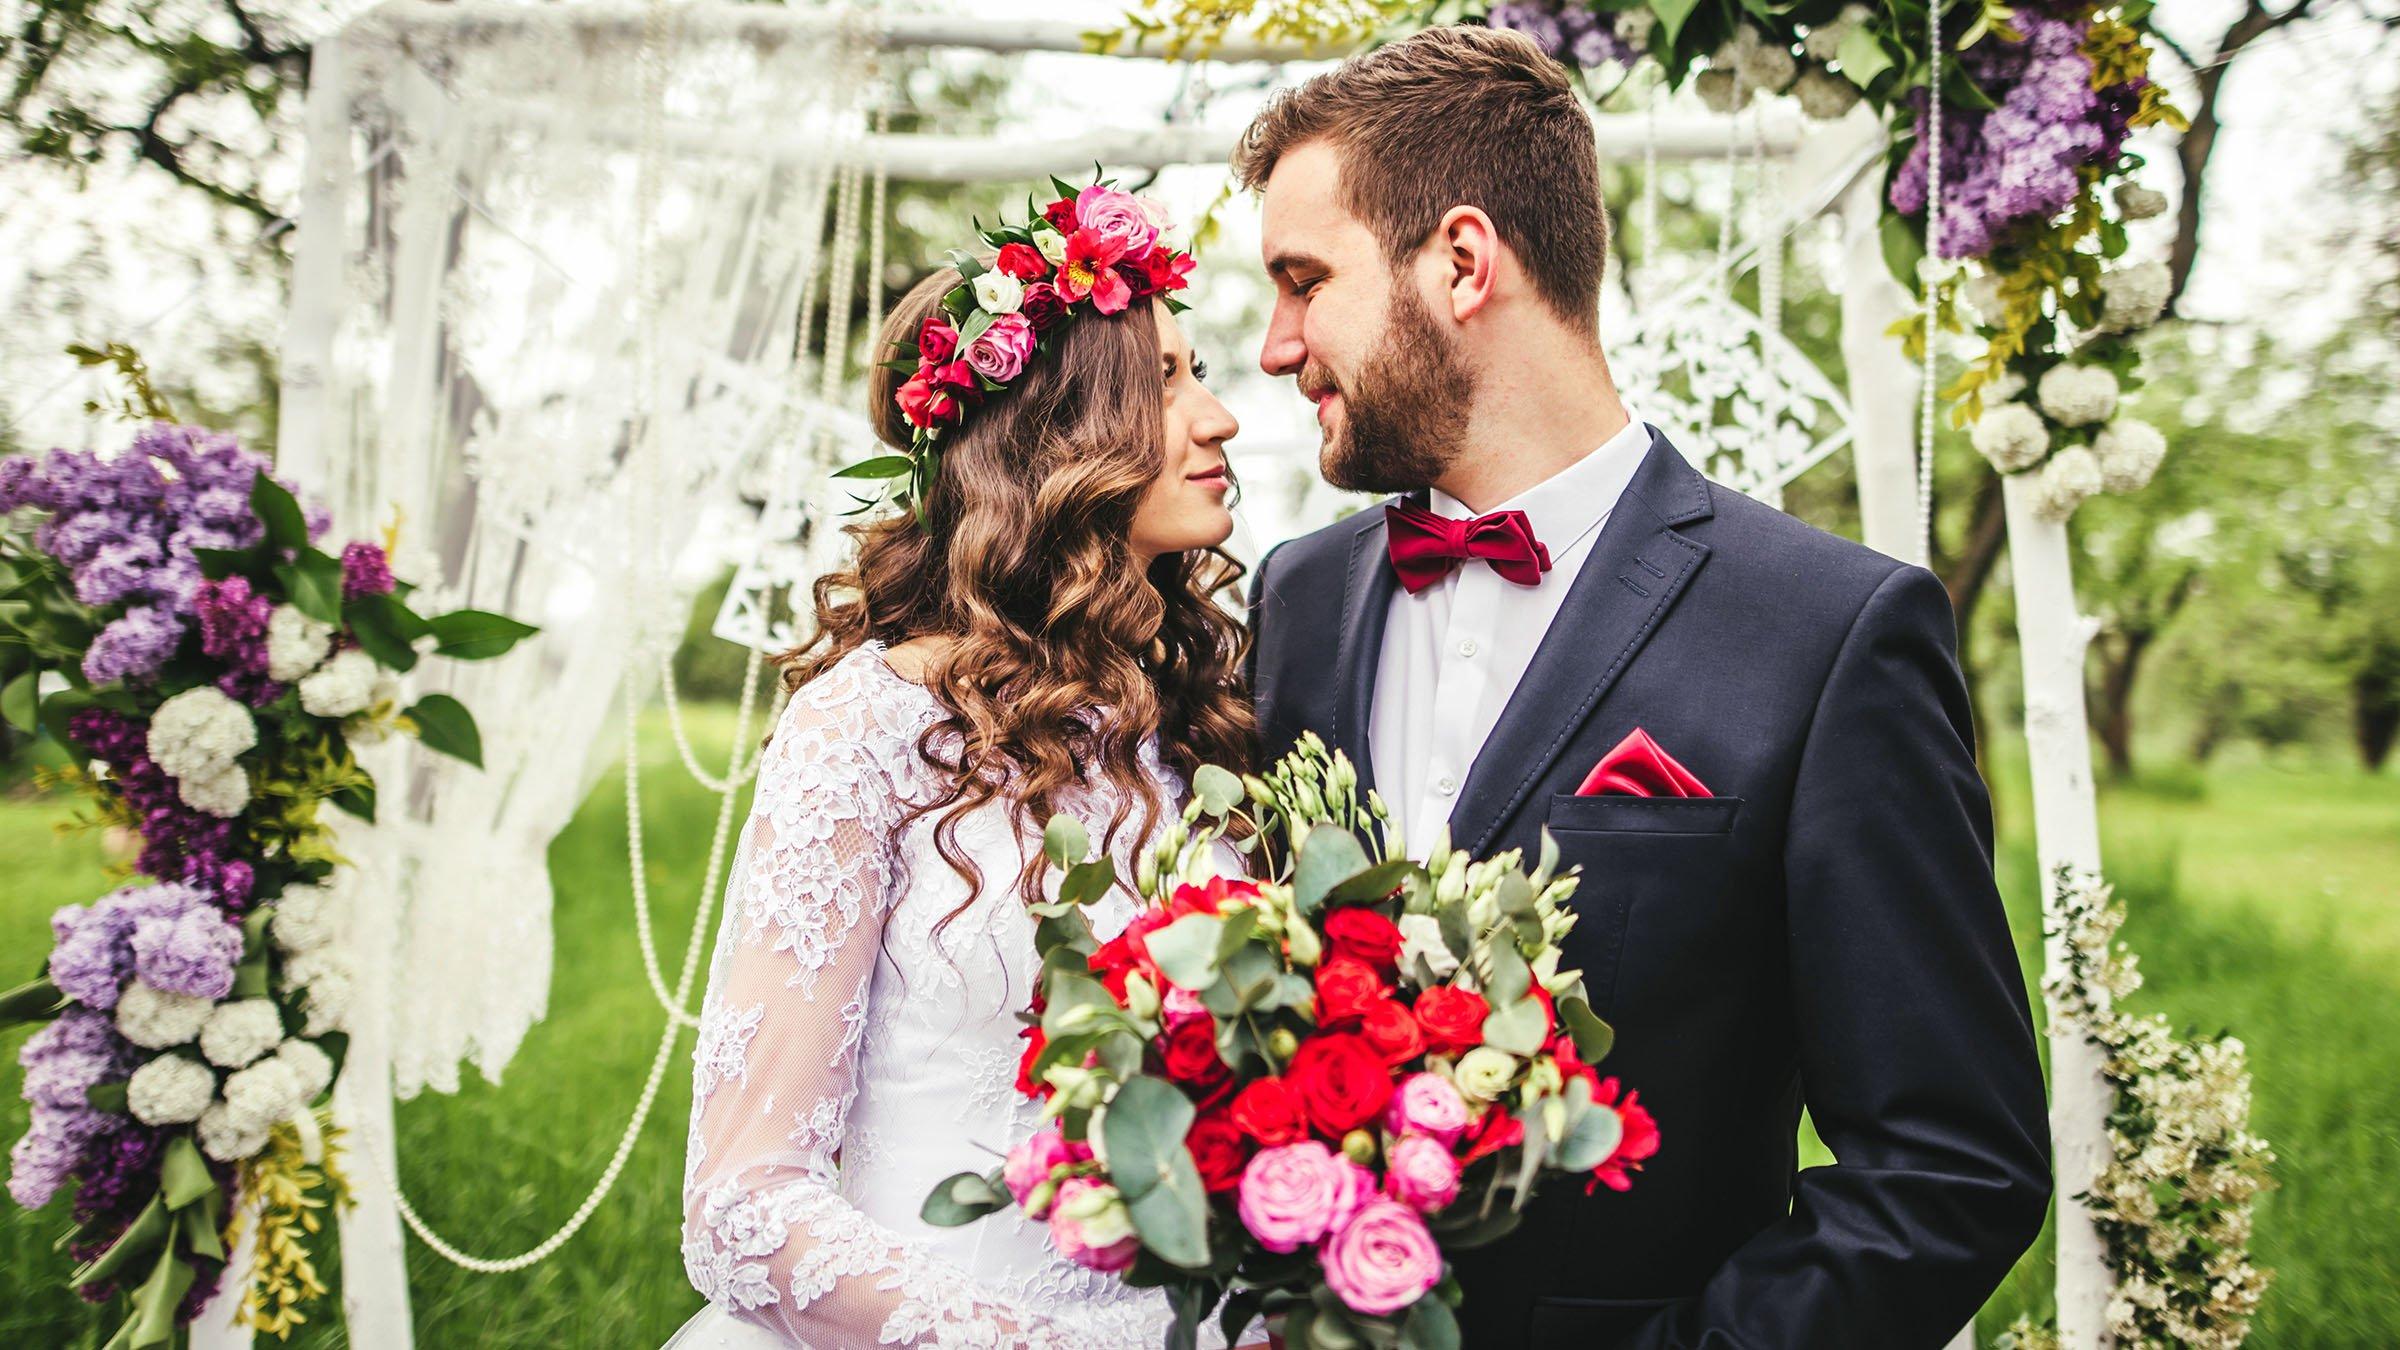 Requisitos para casarse en noruega - Requisitos para casarse ...